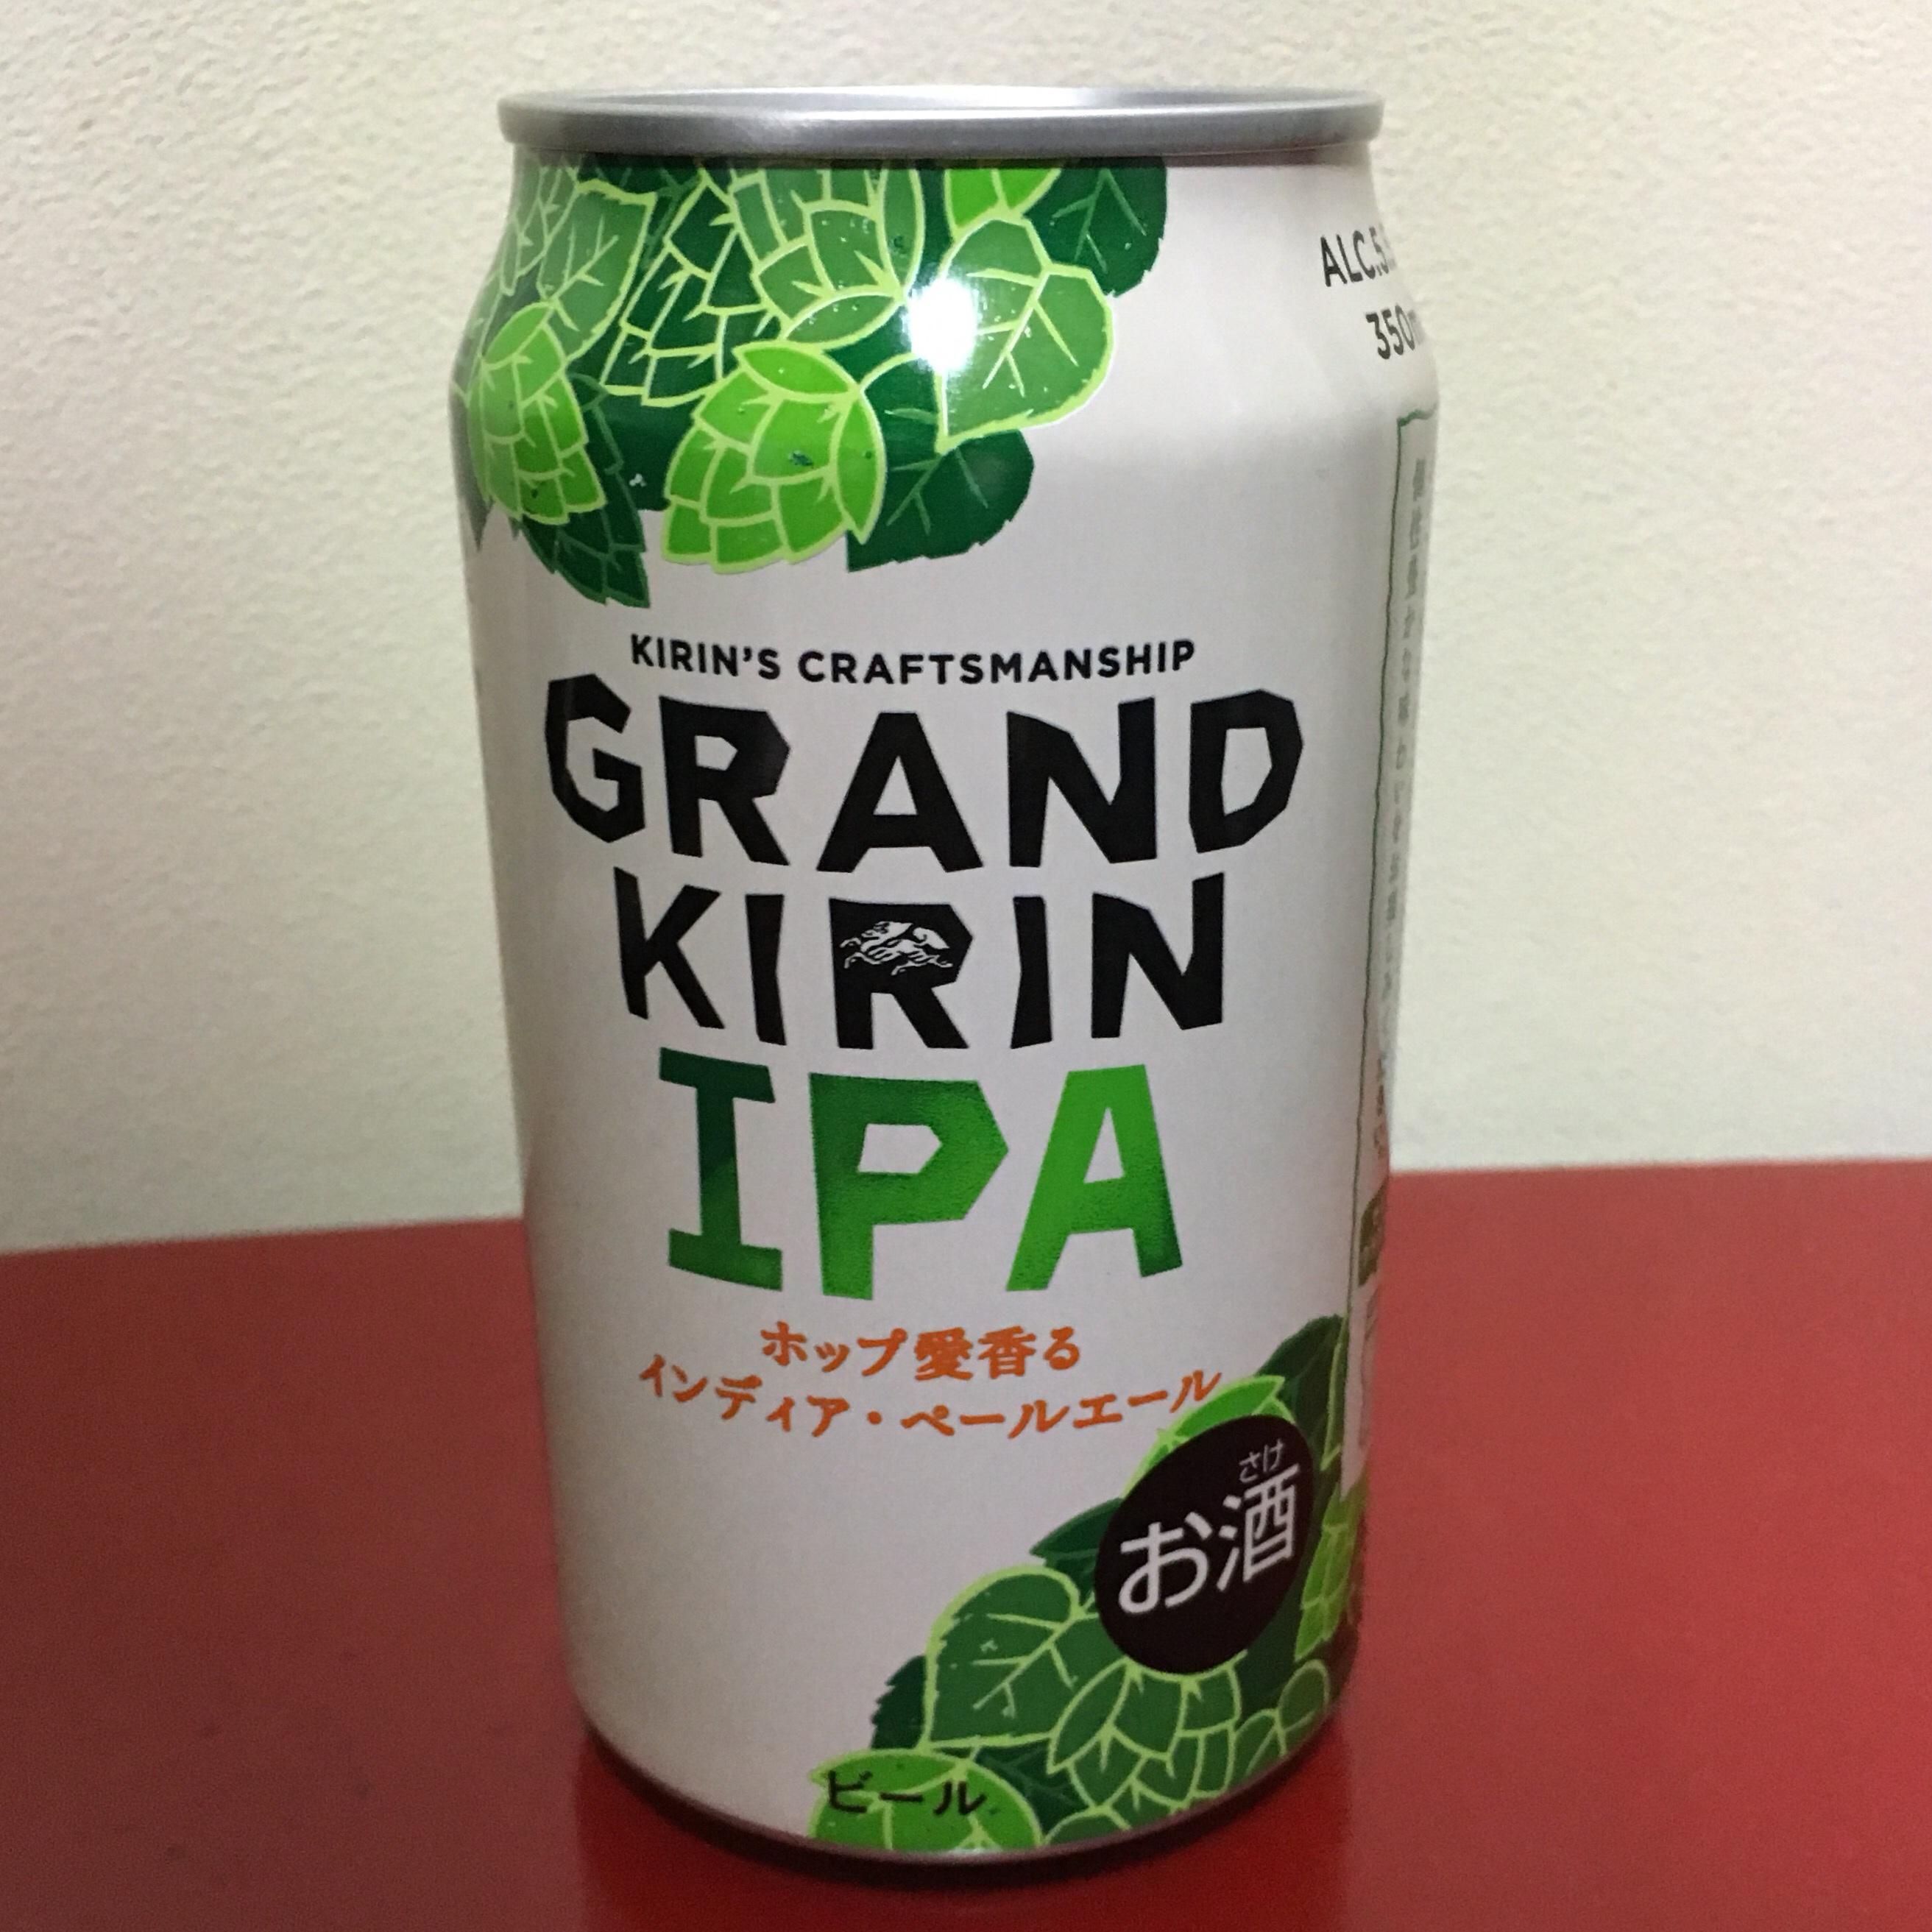 かなりポップの味と香りがする!「GRAND KIRIN IPA」 #beer